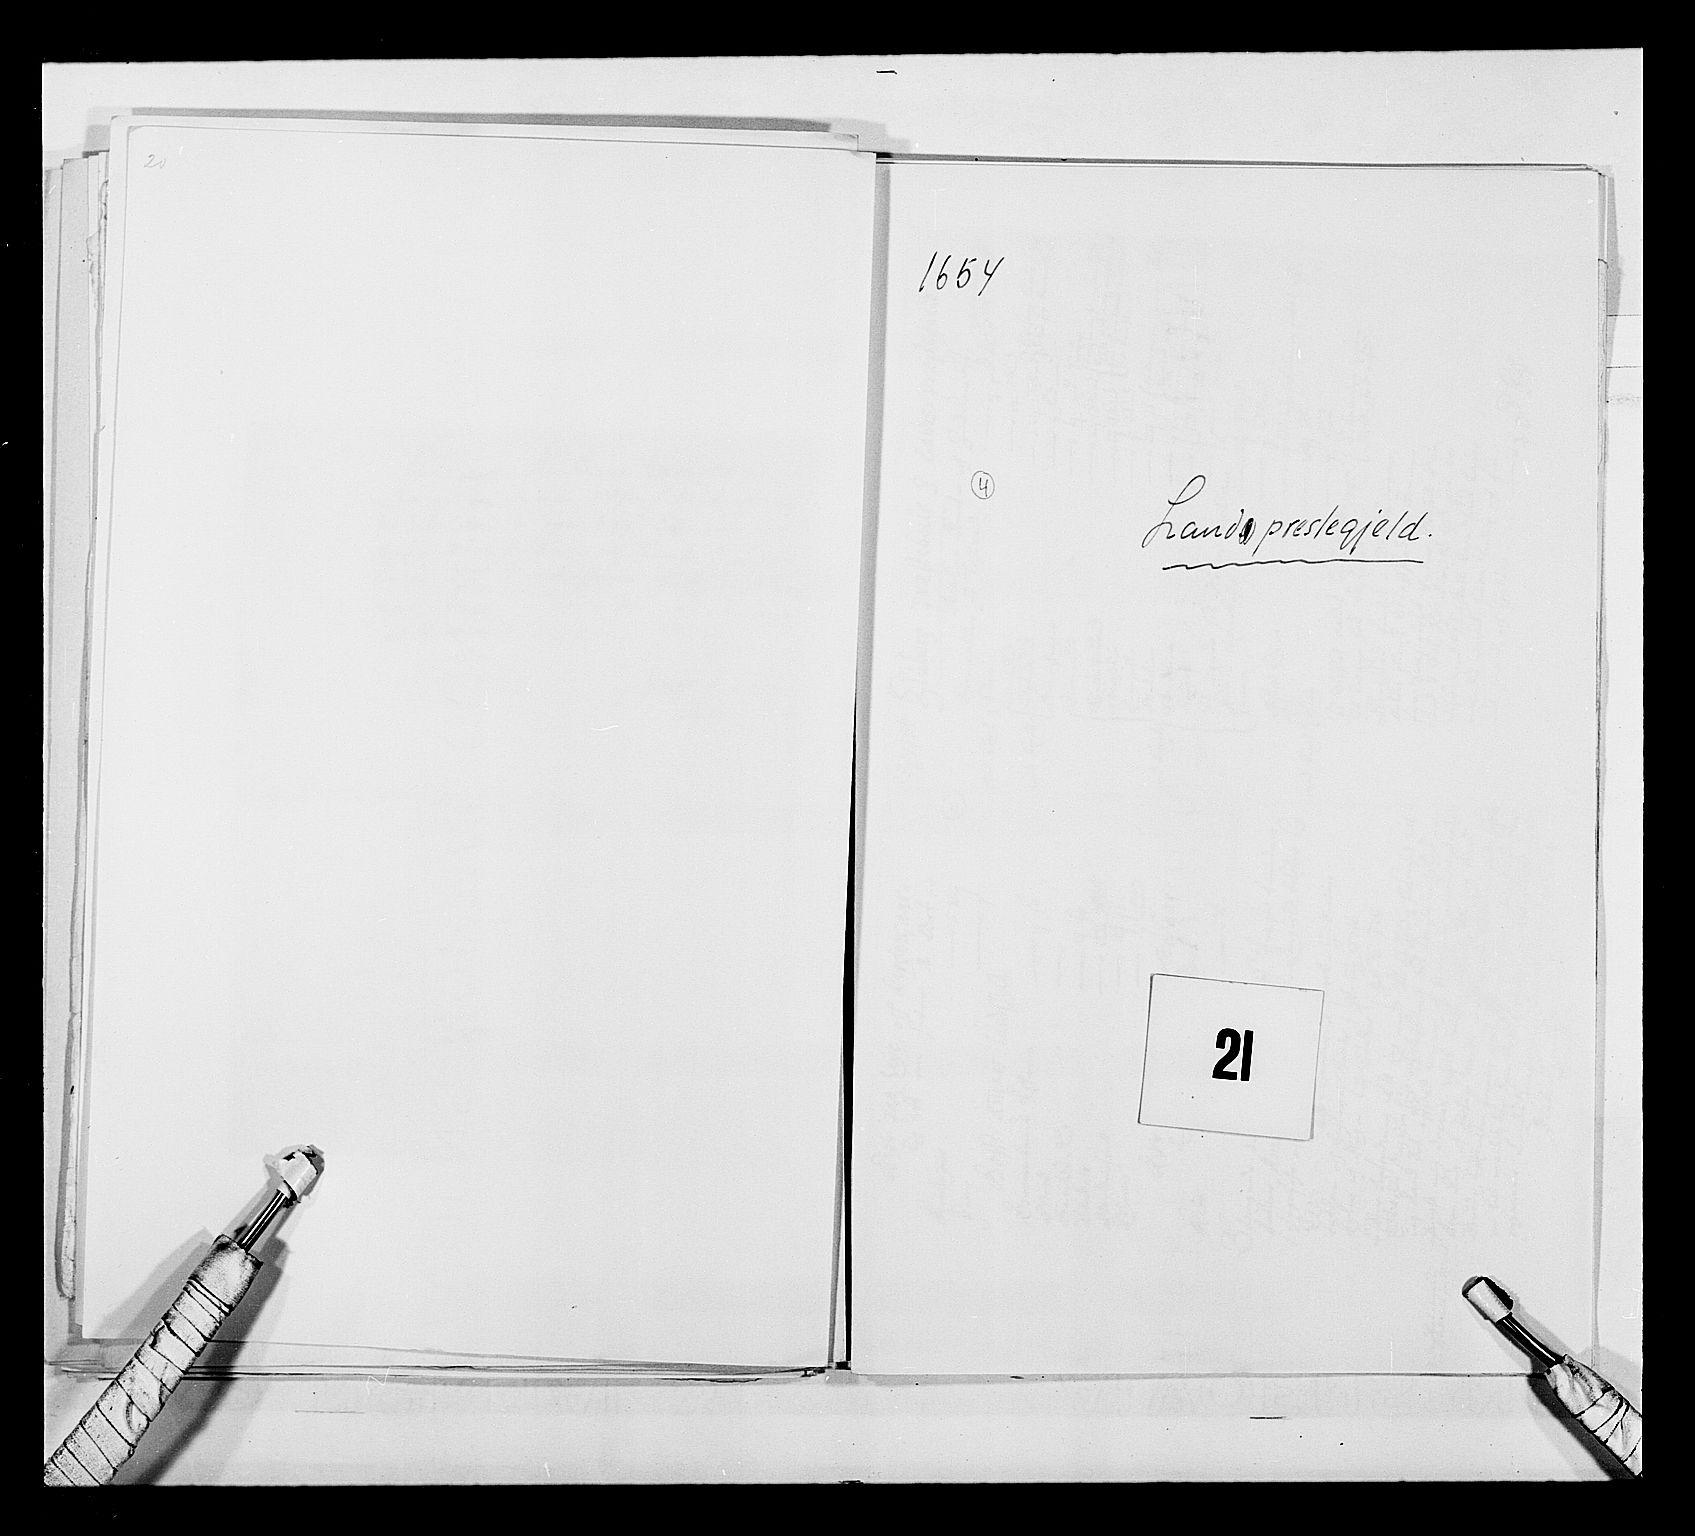 RA, Stattholderembetet 1572-1771, Ek/L0030: Jordebøker 1633-1658:, 1654, s. 86